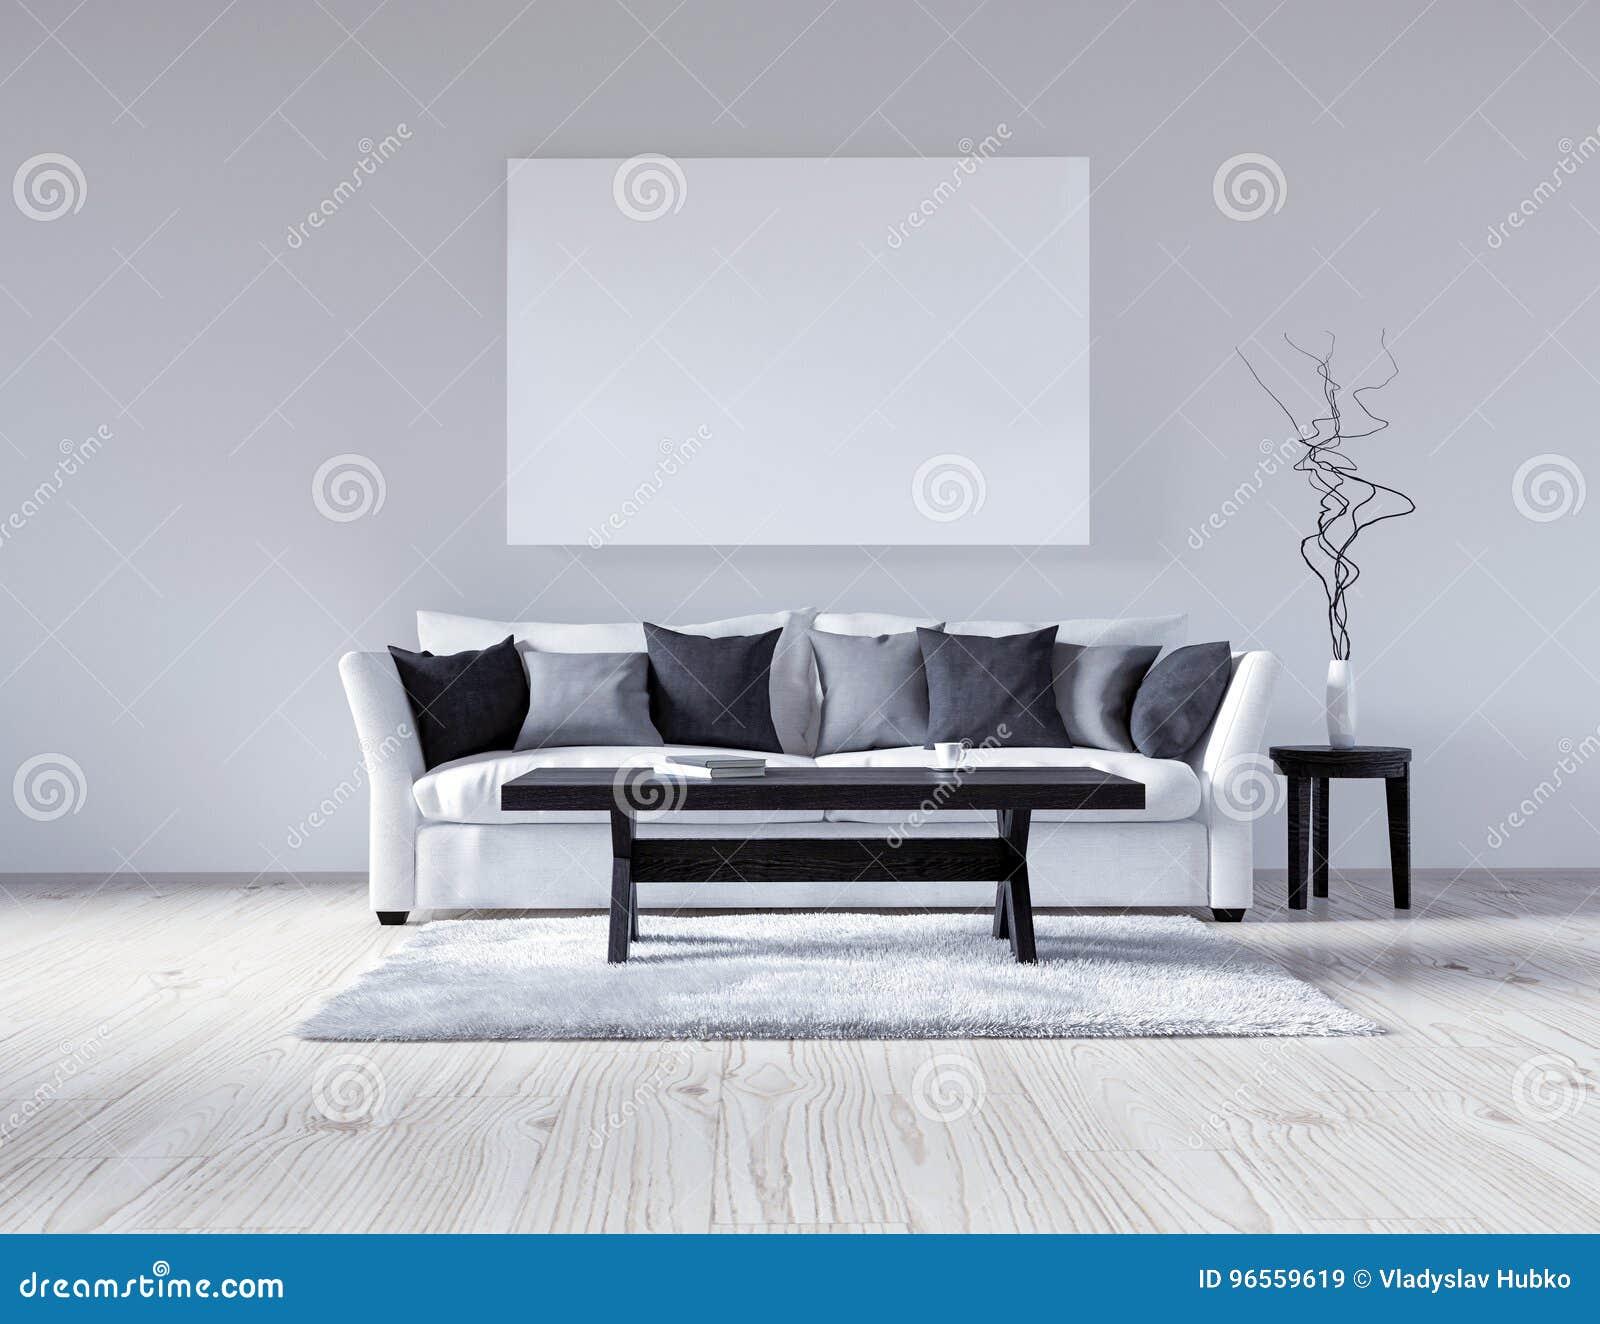 Leerer Weisser Innenraum Der Illustration 3d Mit Sofa Leere Wand